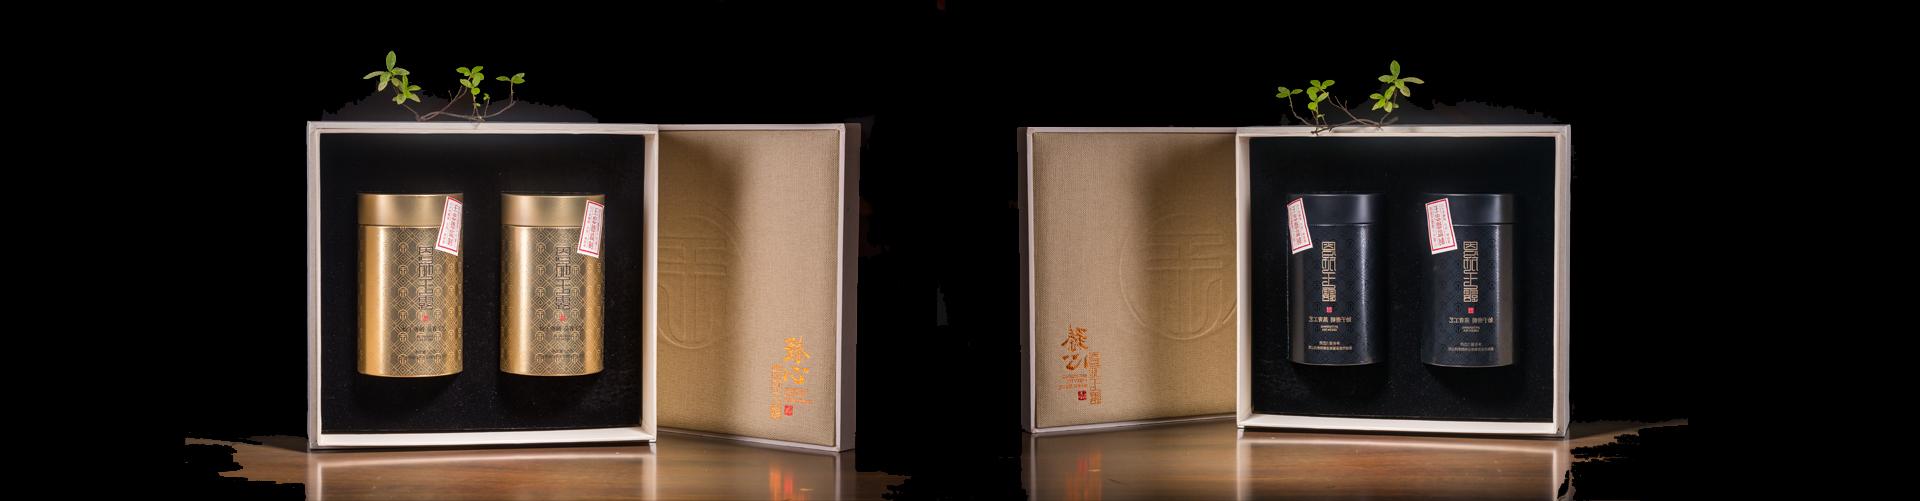 http://www.jintaixiang.net/data/images/slide/20190928092220_522.jpg